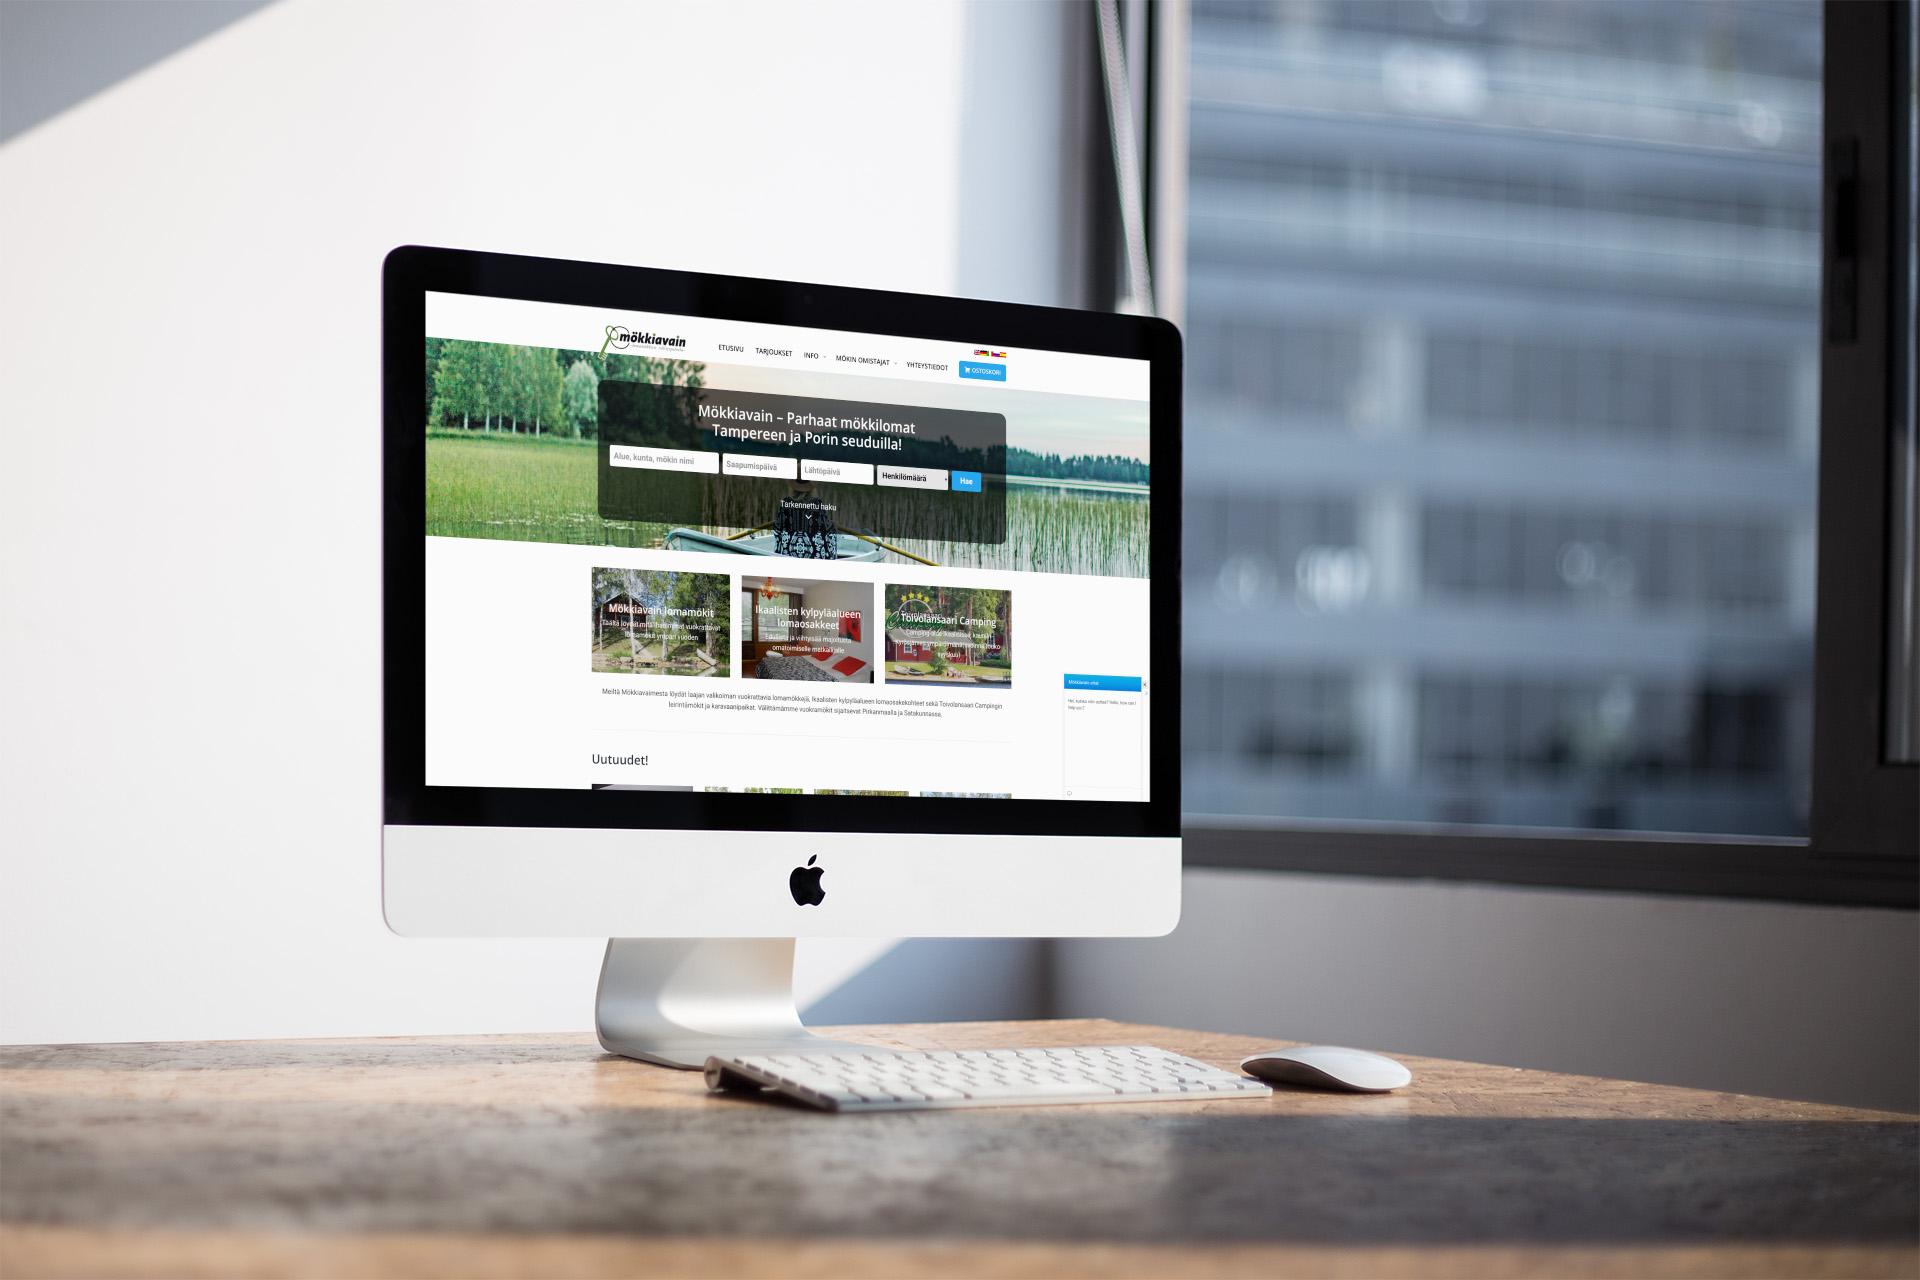 mokkiavain.fi etusivu iMacin näytöllä toimistossa.